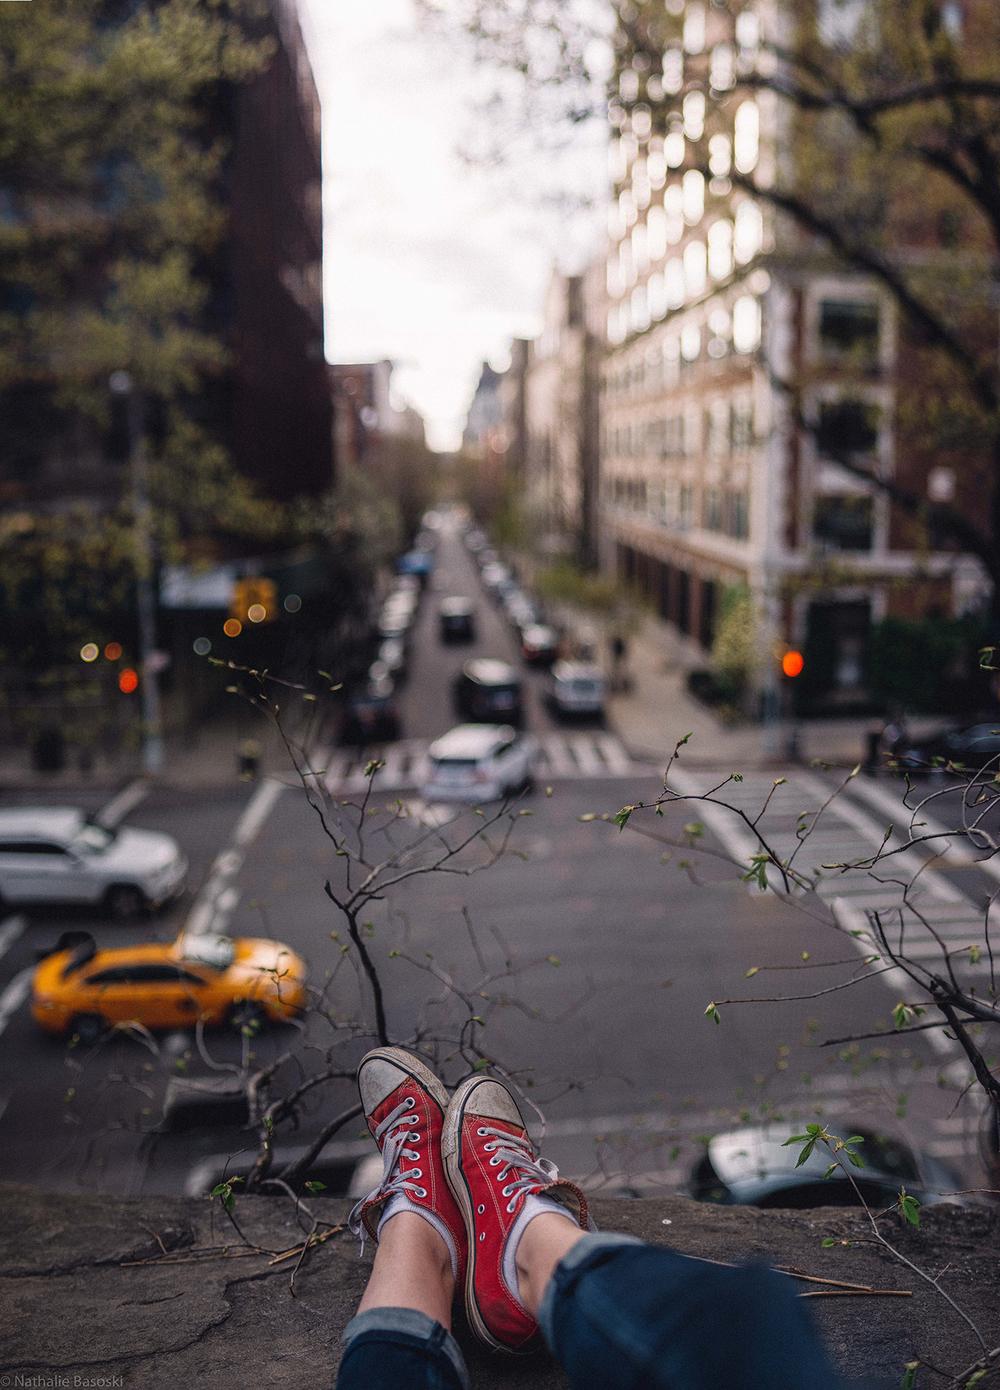 Nathalie Basoski - Fuji 400H+++ -flickr.com/photos/nathaliebasoska/